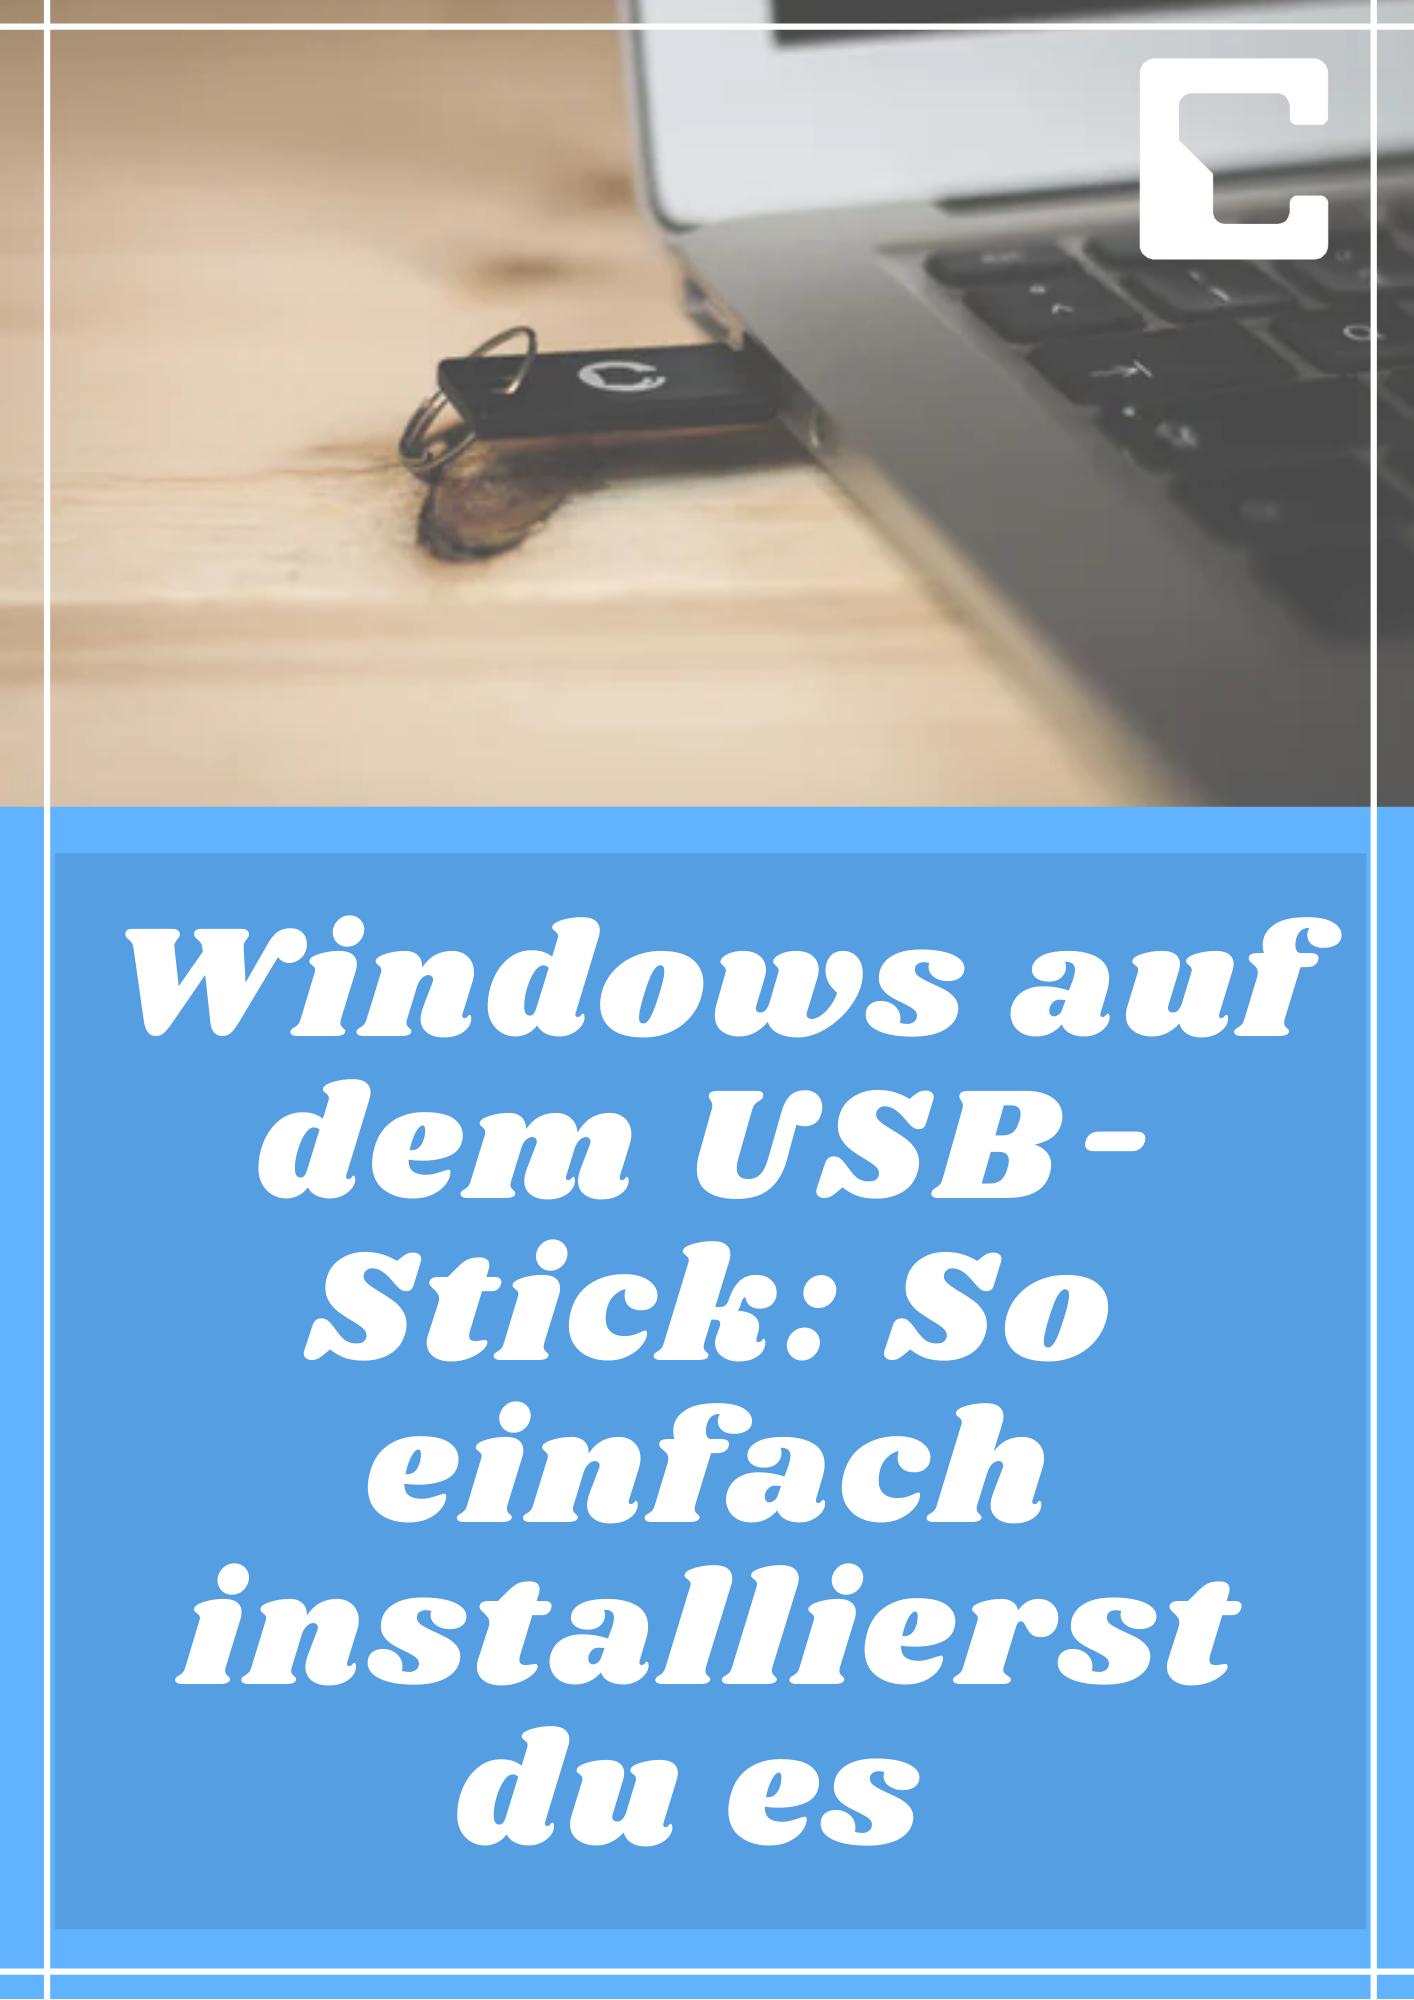 Windows Auf Dem Usb Stick So Einfach Installierst Du Es In 2020 Usb Stick Usb To Go